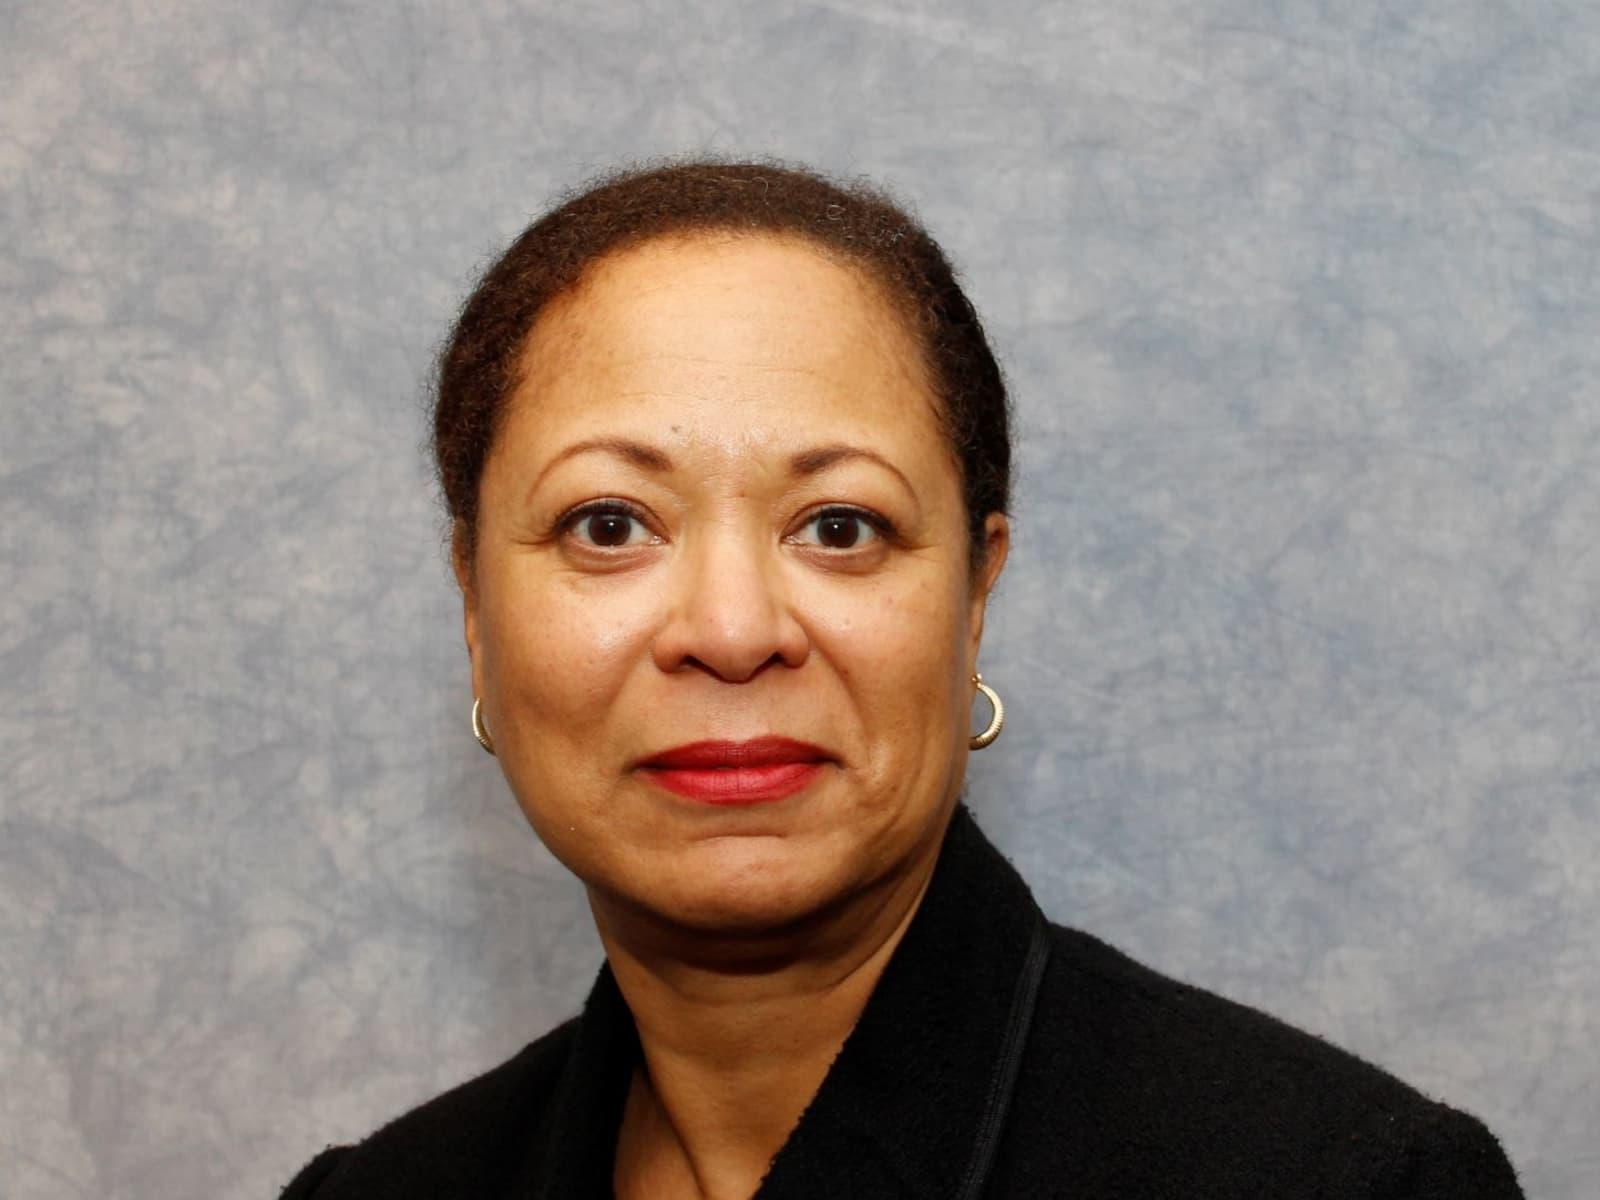 Tania from Washington, D.C., Washington, D.C., United States